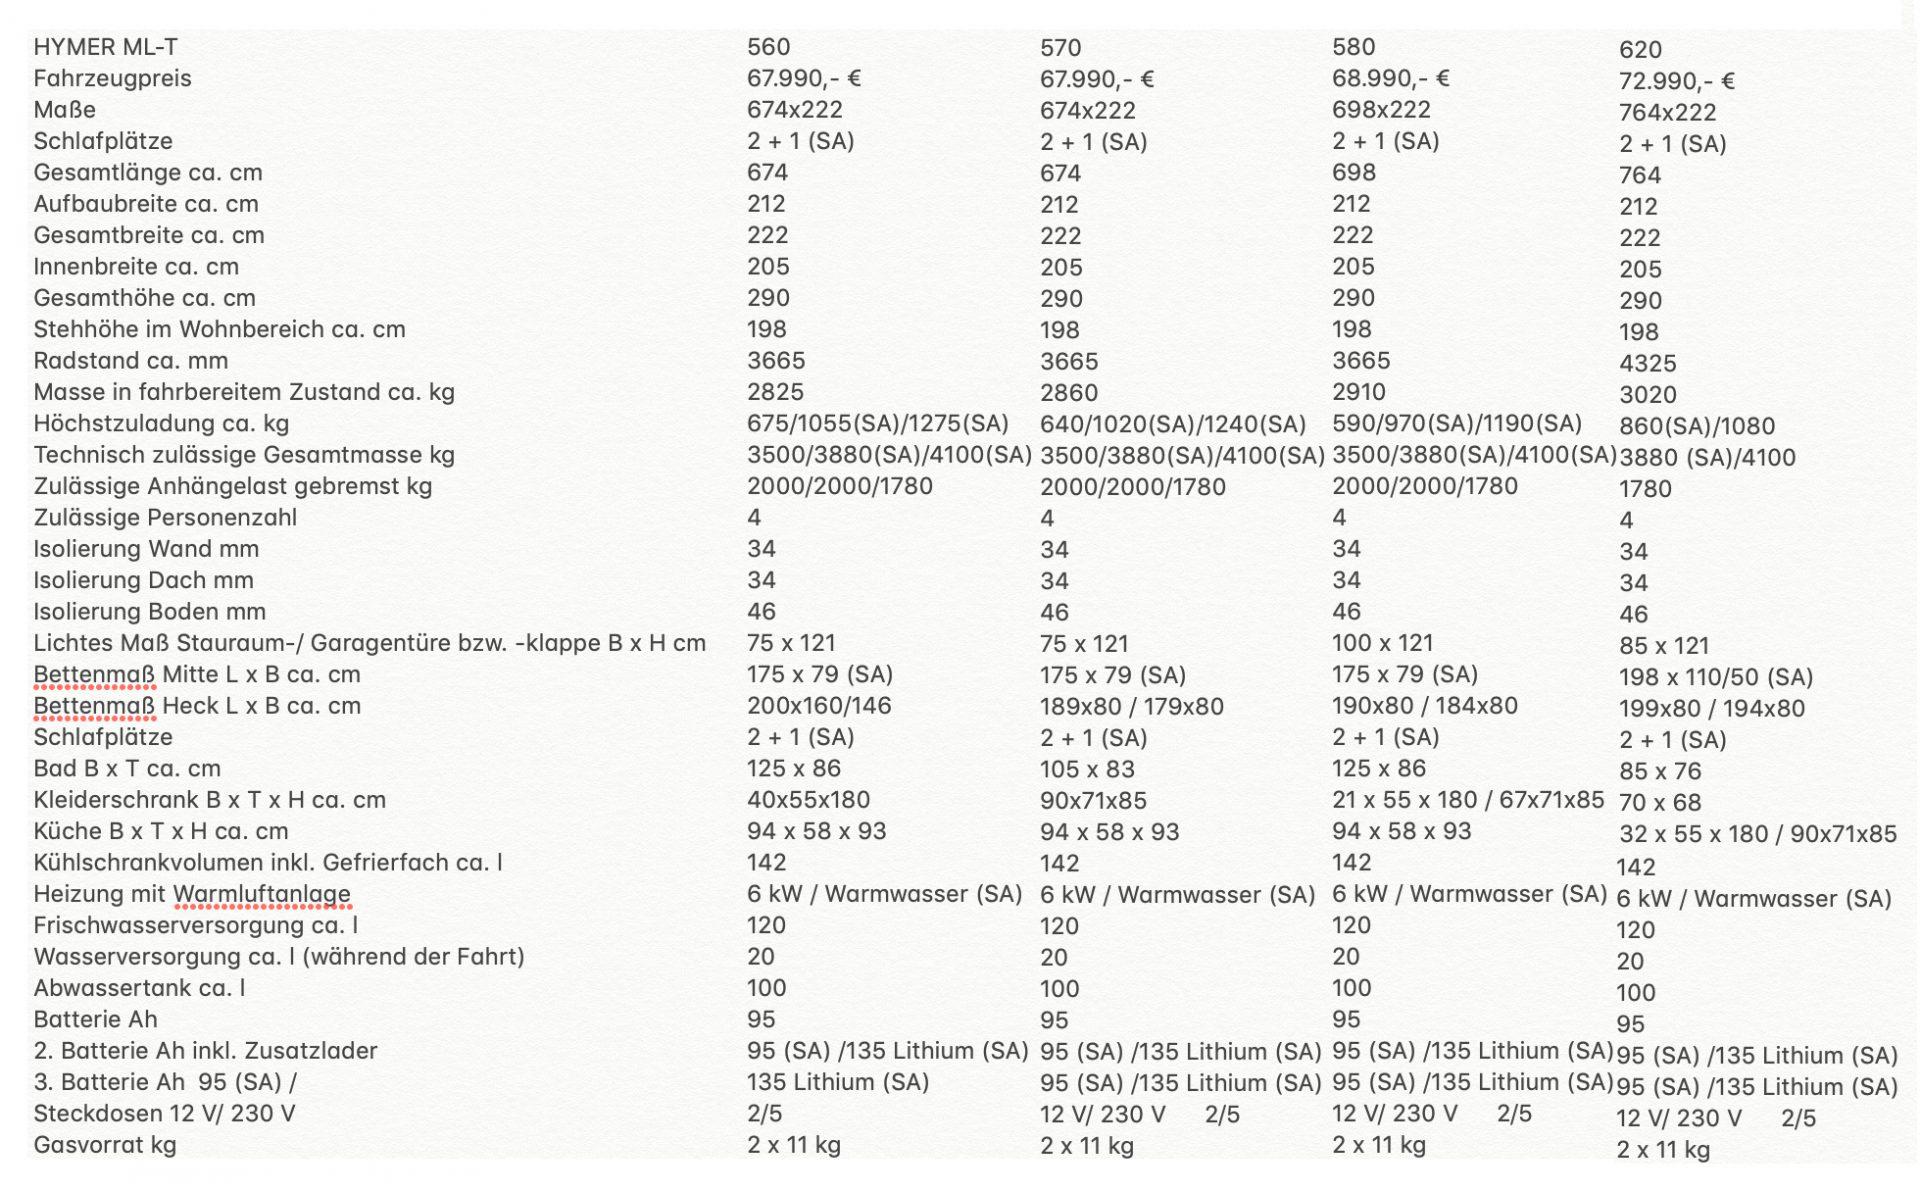 Masse Hymer ML-T im Vergleich